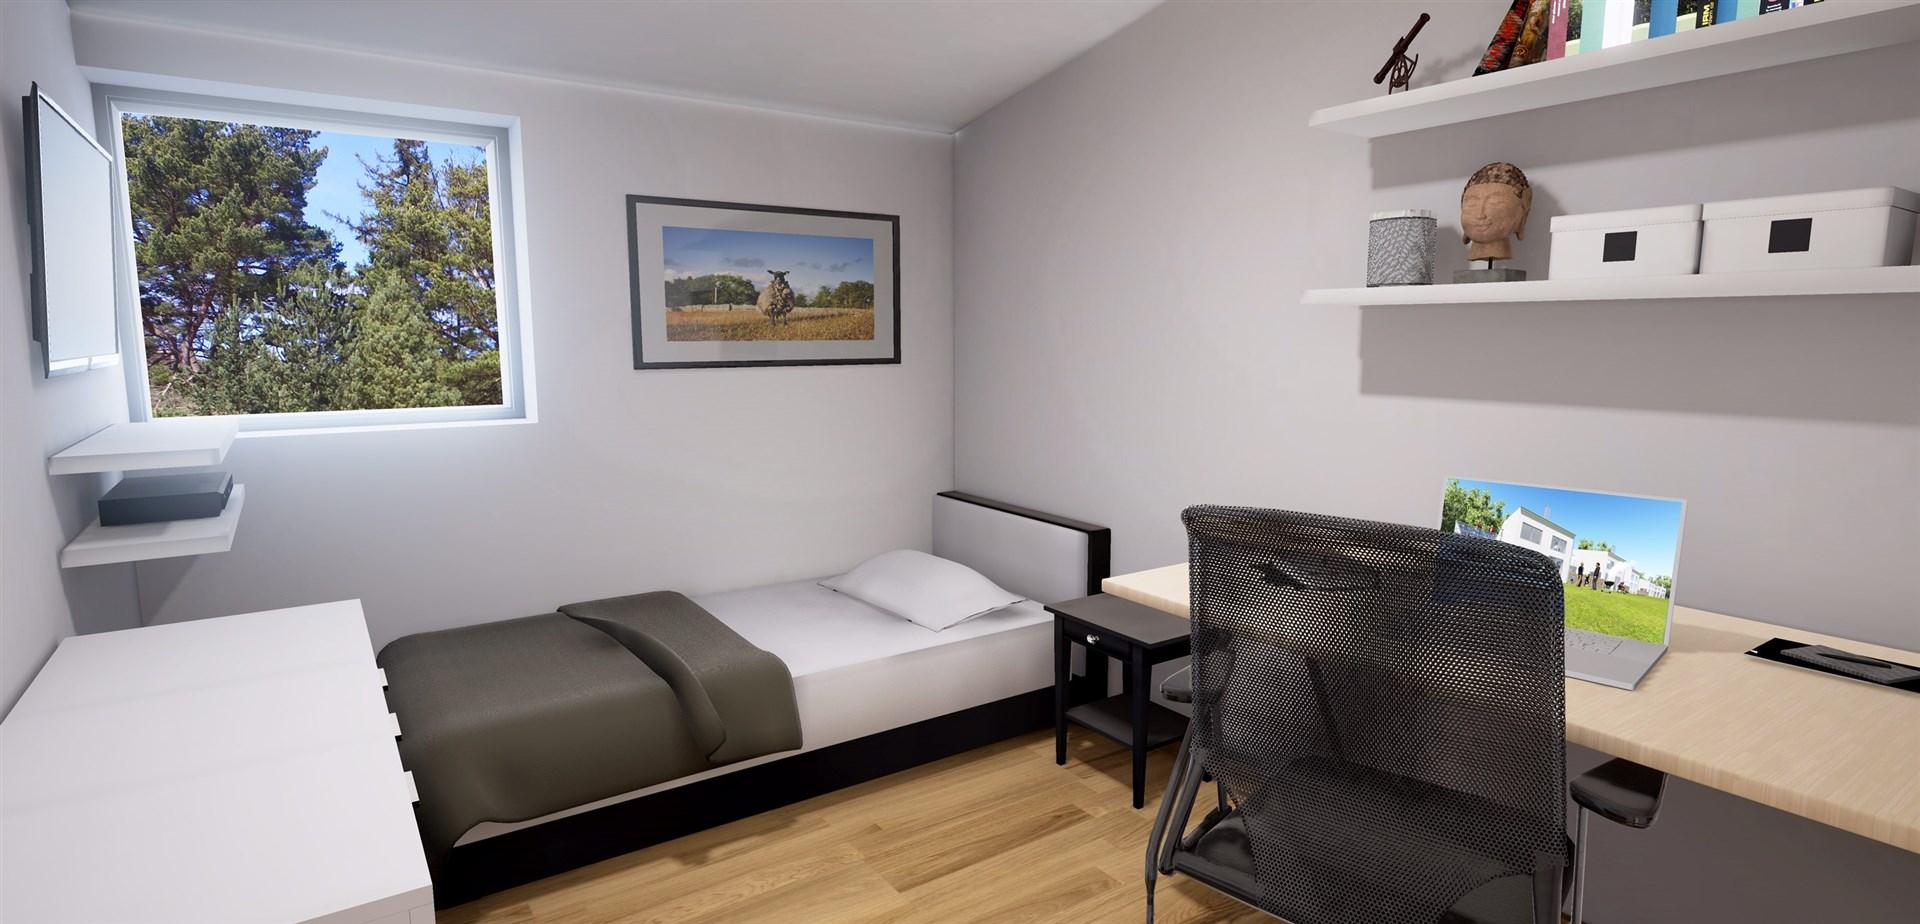 Sovrum 2 på övervåningen